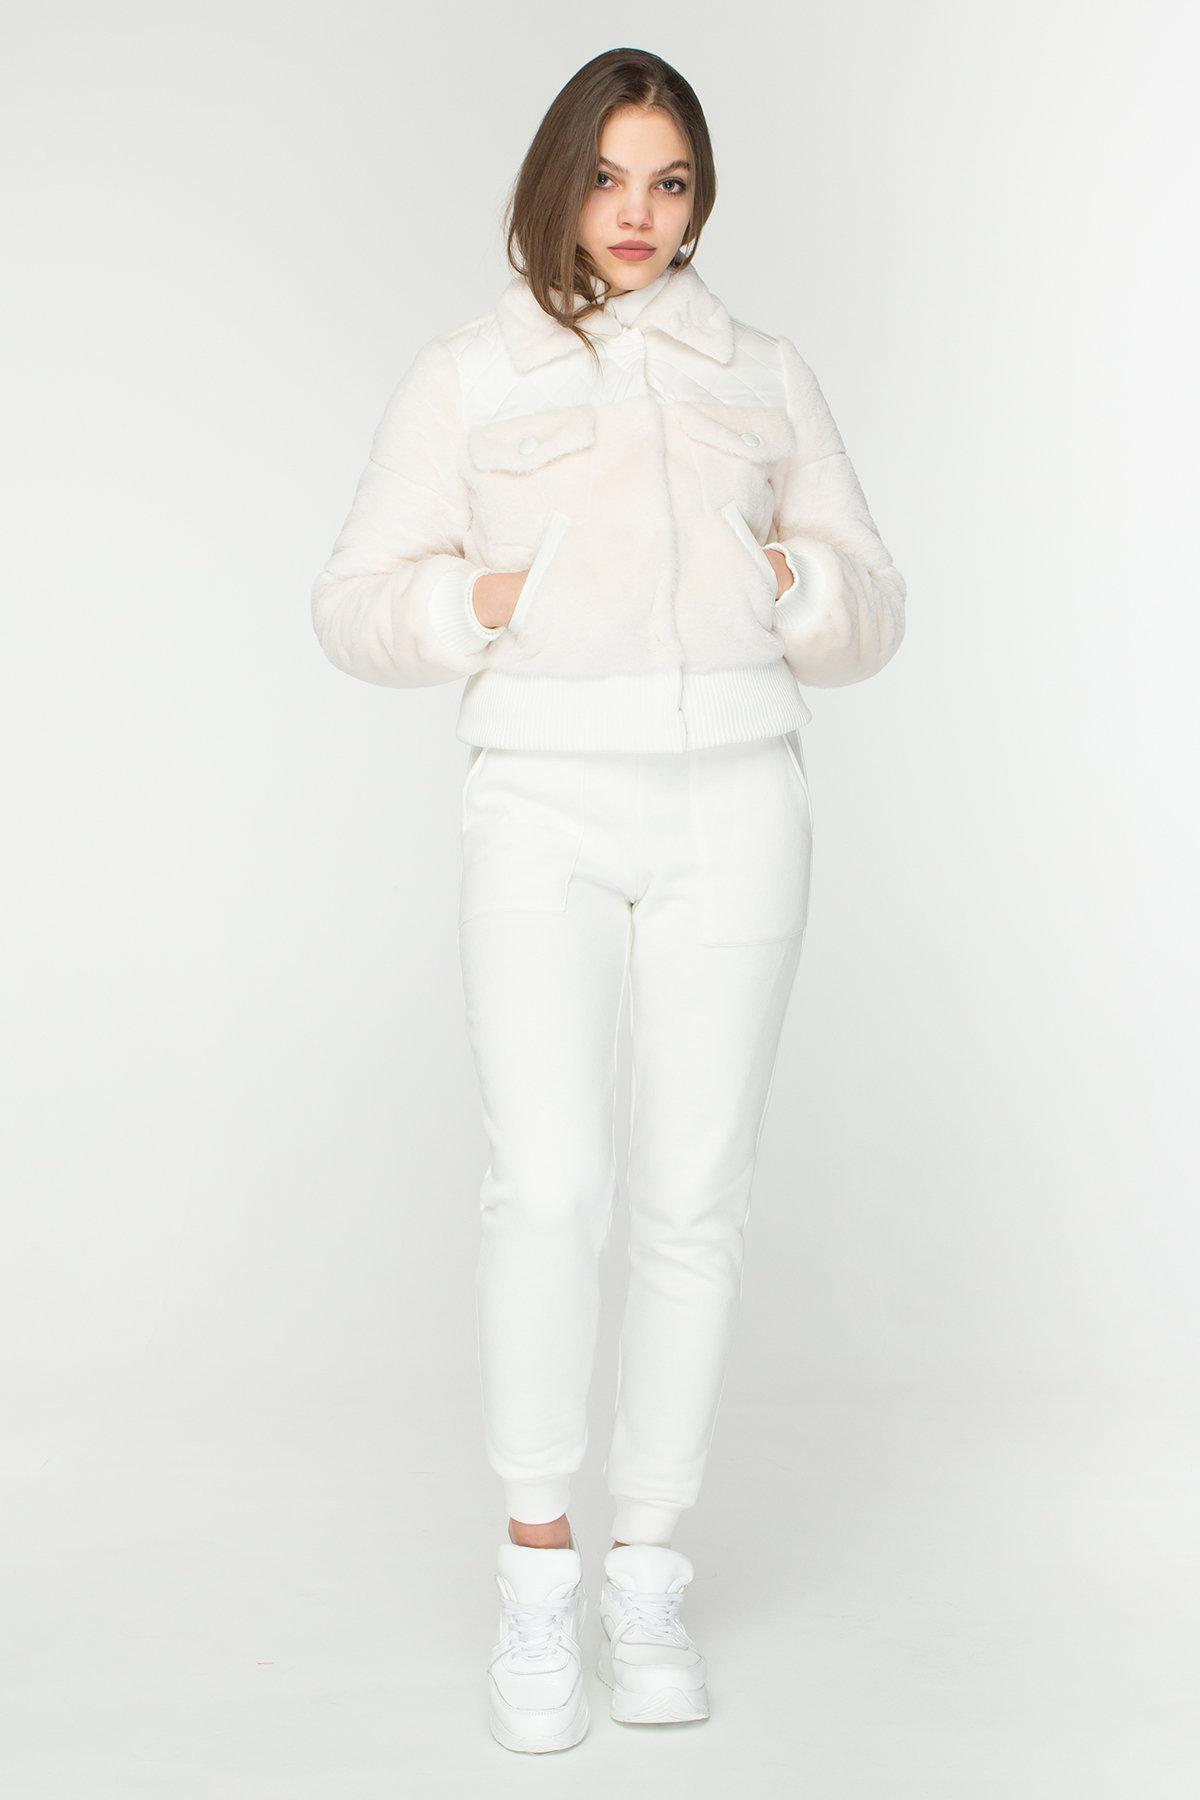 Стильная куртка бомбер Рино 8720 АРТ. 45171 Цвет: Молоко - фото 3, интернет магазин tm-modus.ru